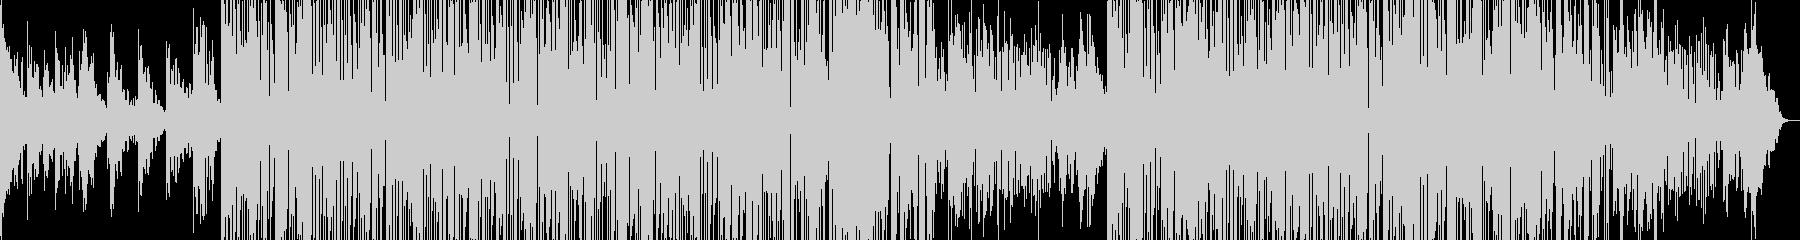 バーで流れるお洒落系スムースジャズ の未再生の波形